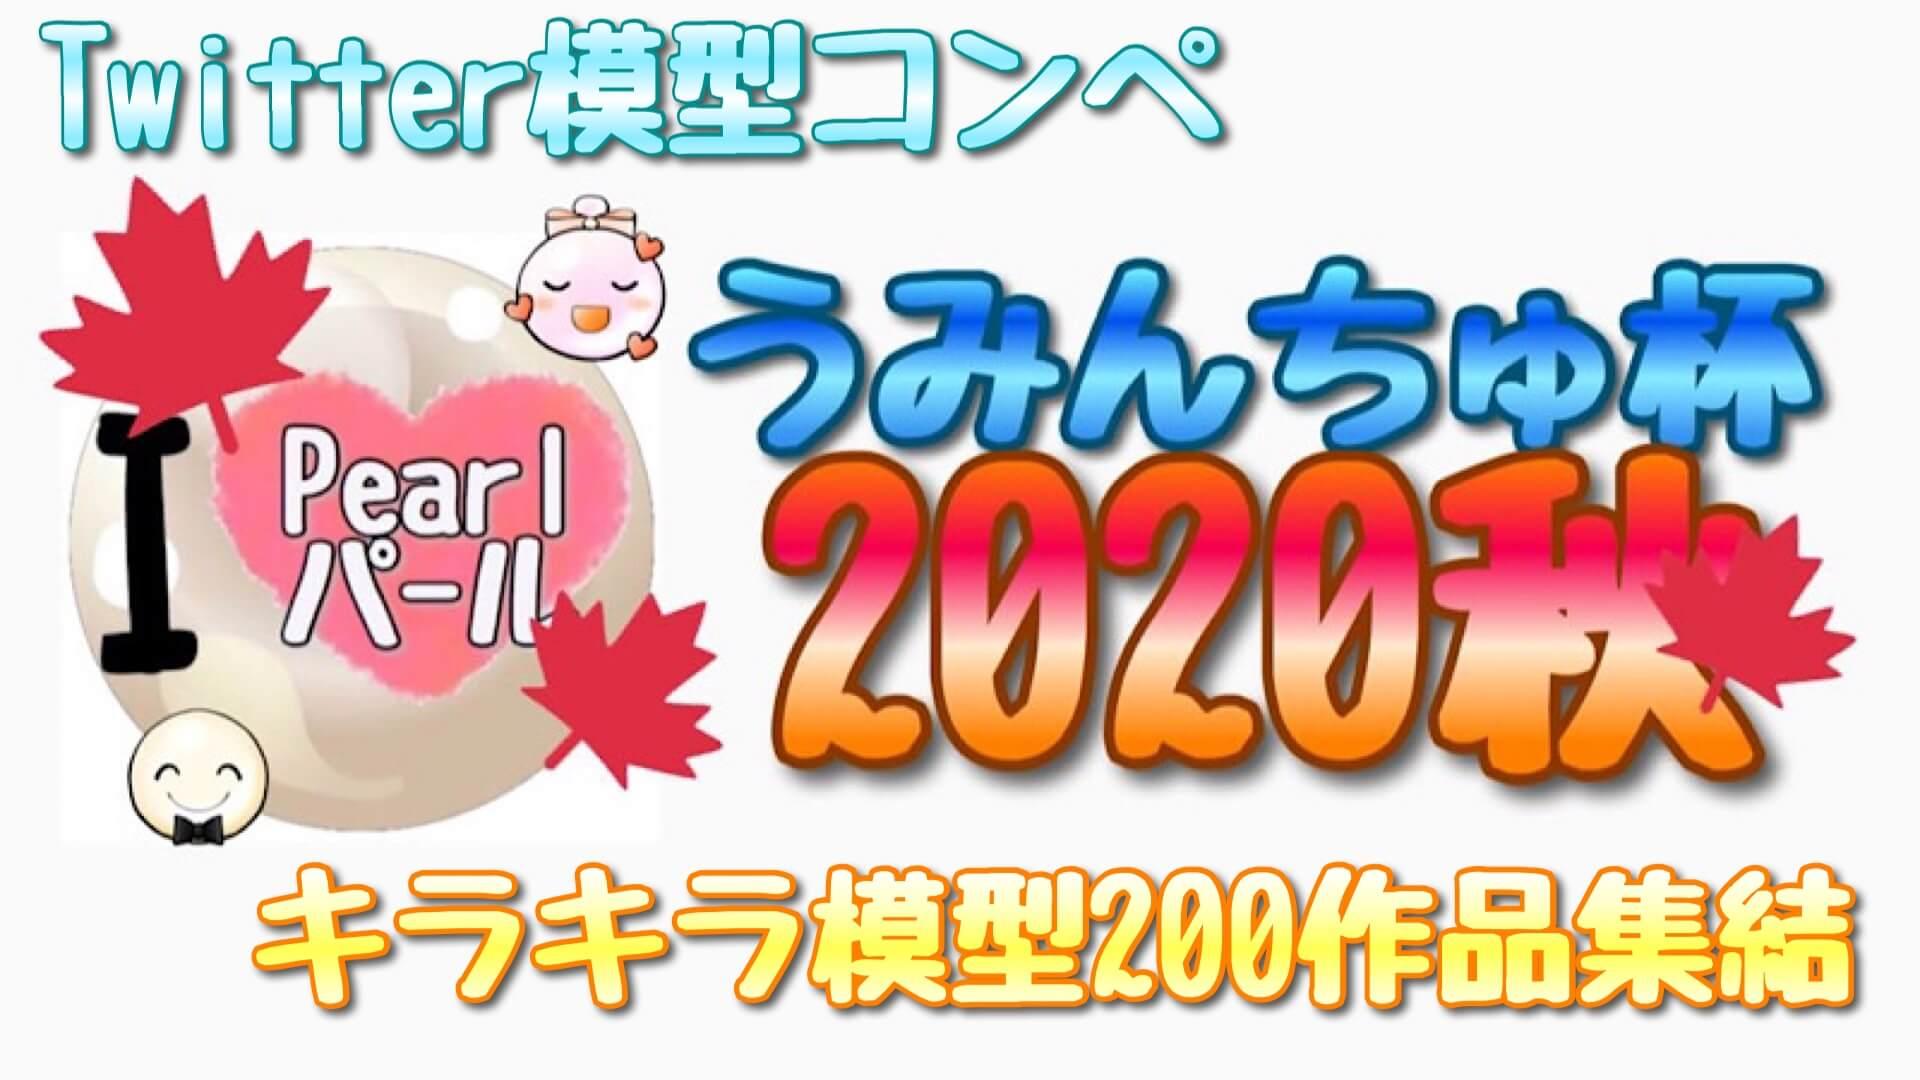 Twitter模型コンペうみんちゅ杯2020秋